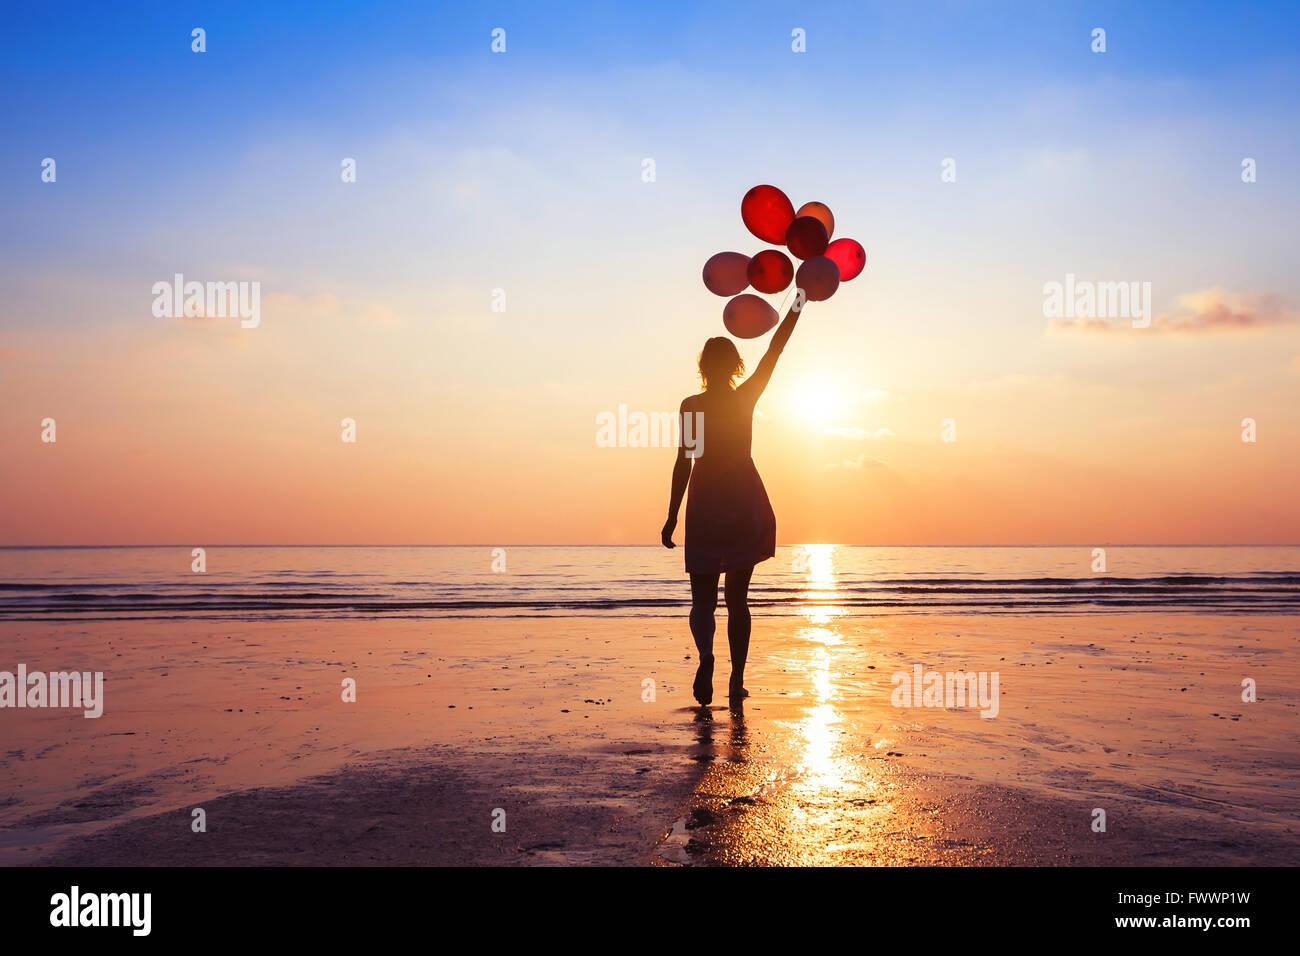 La motivation ou l'espoir concept, suivez votre rêve et d'inspiration, Girl with balloons at sunset Photo Stock